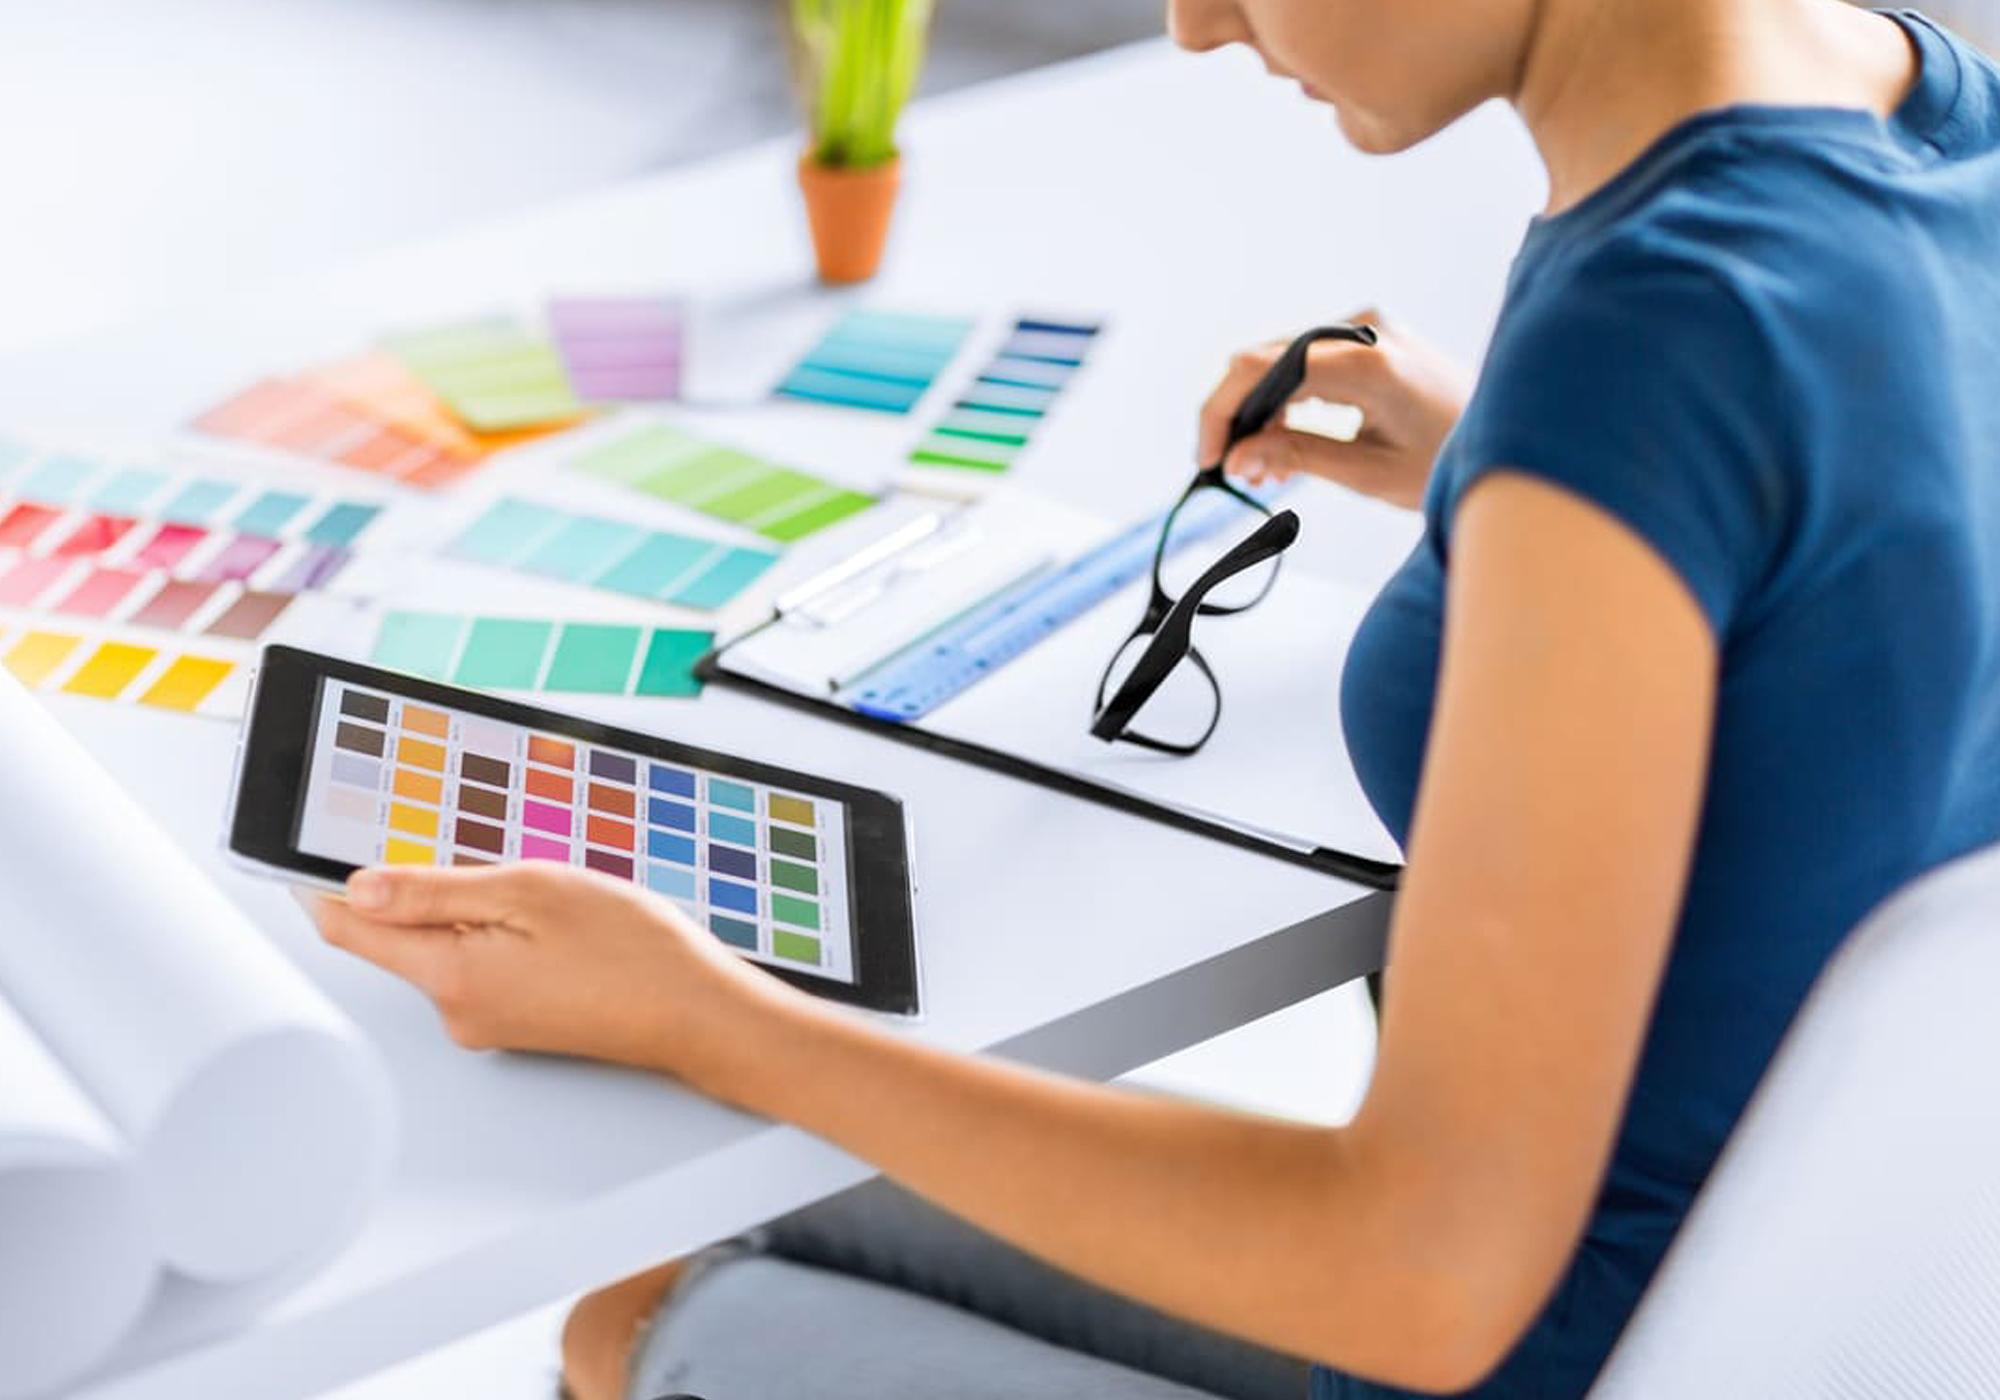 decoradora analisando paleta de cores